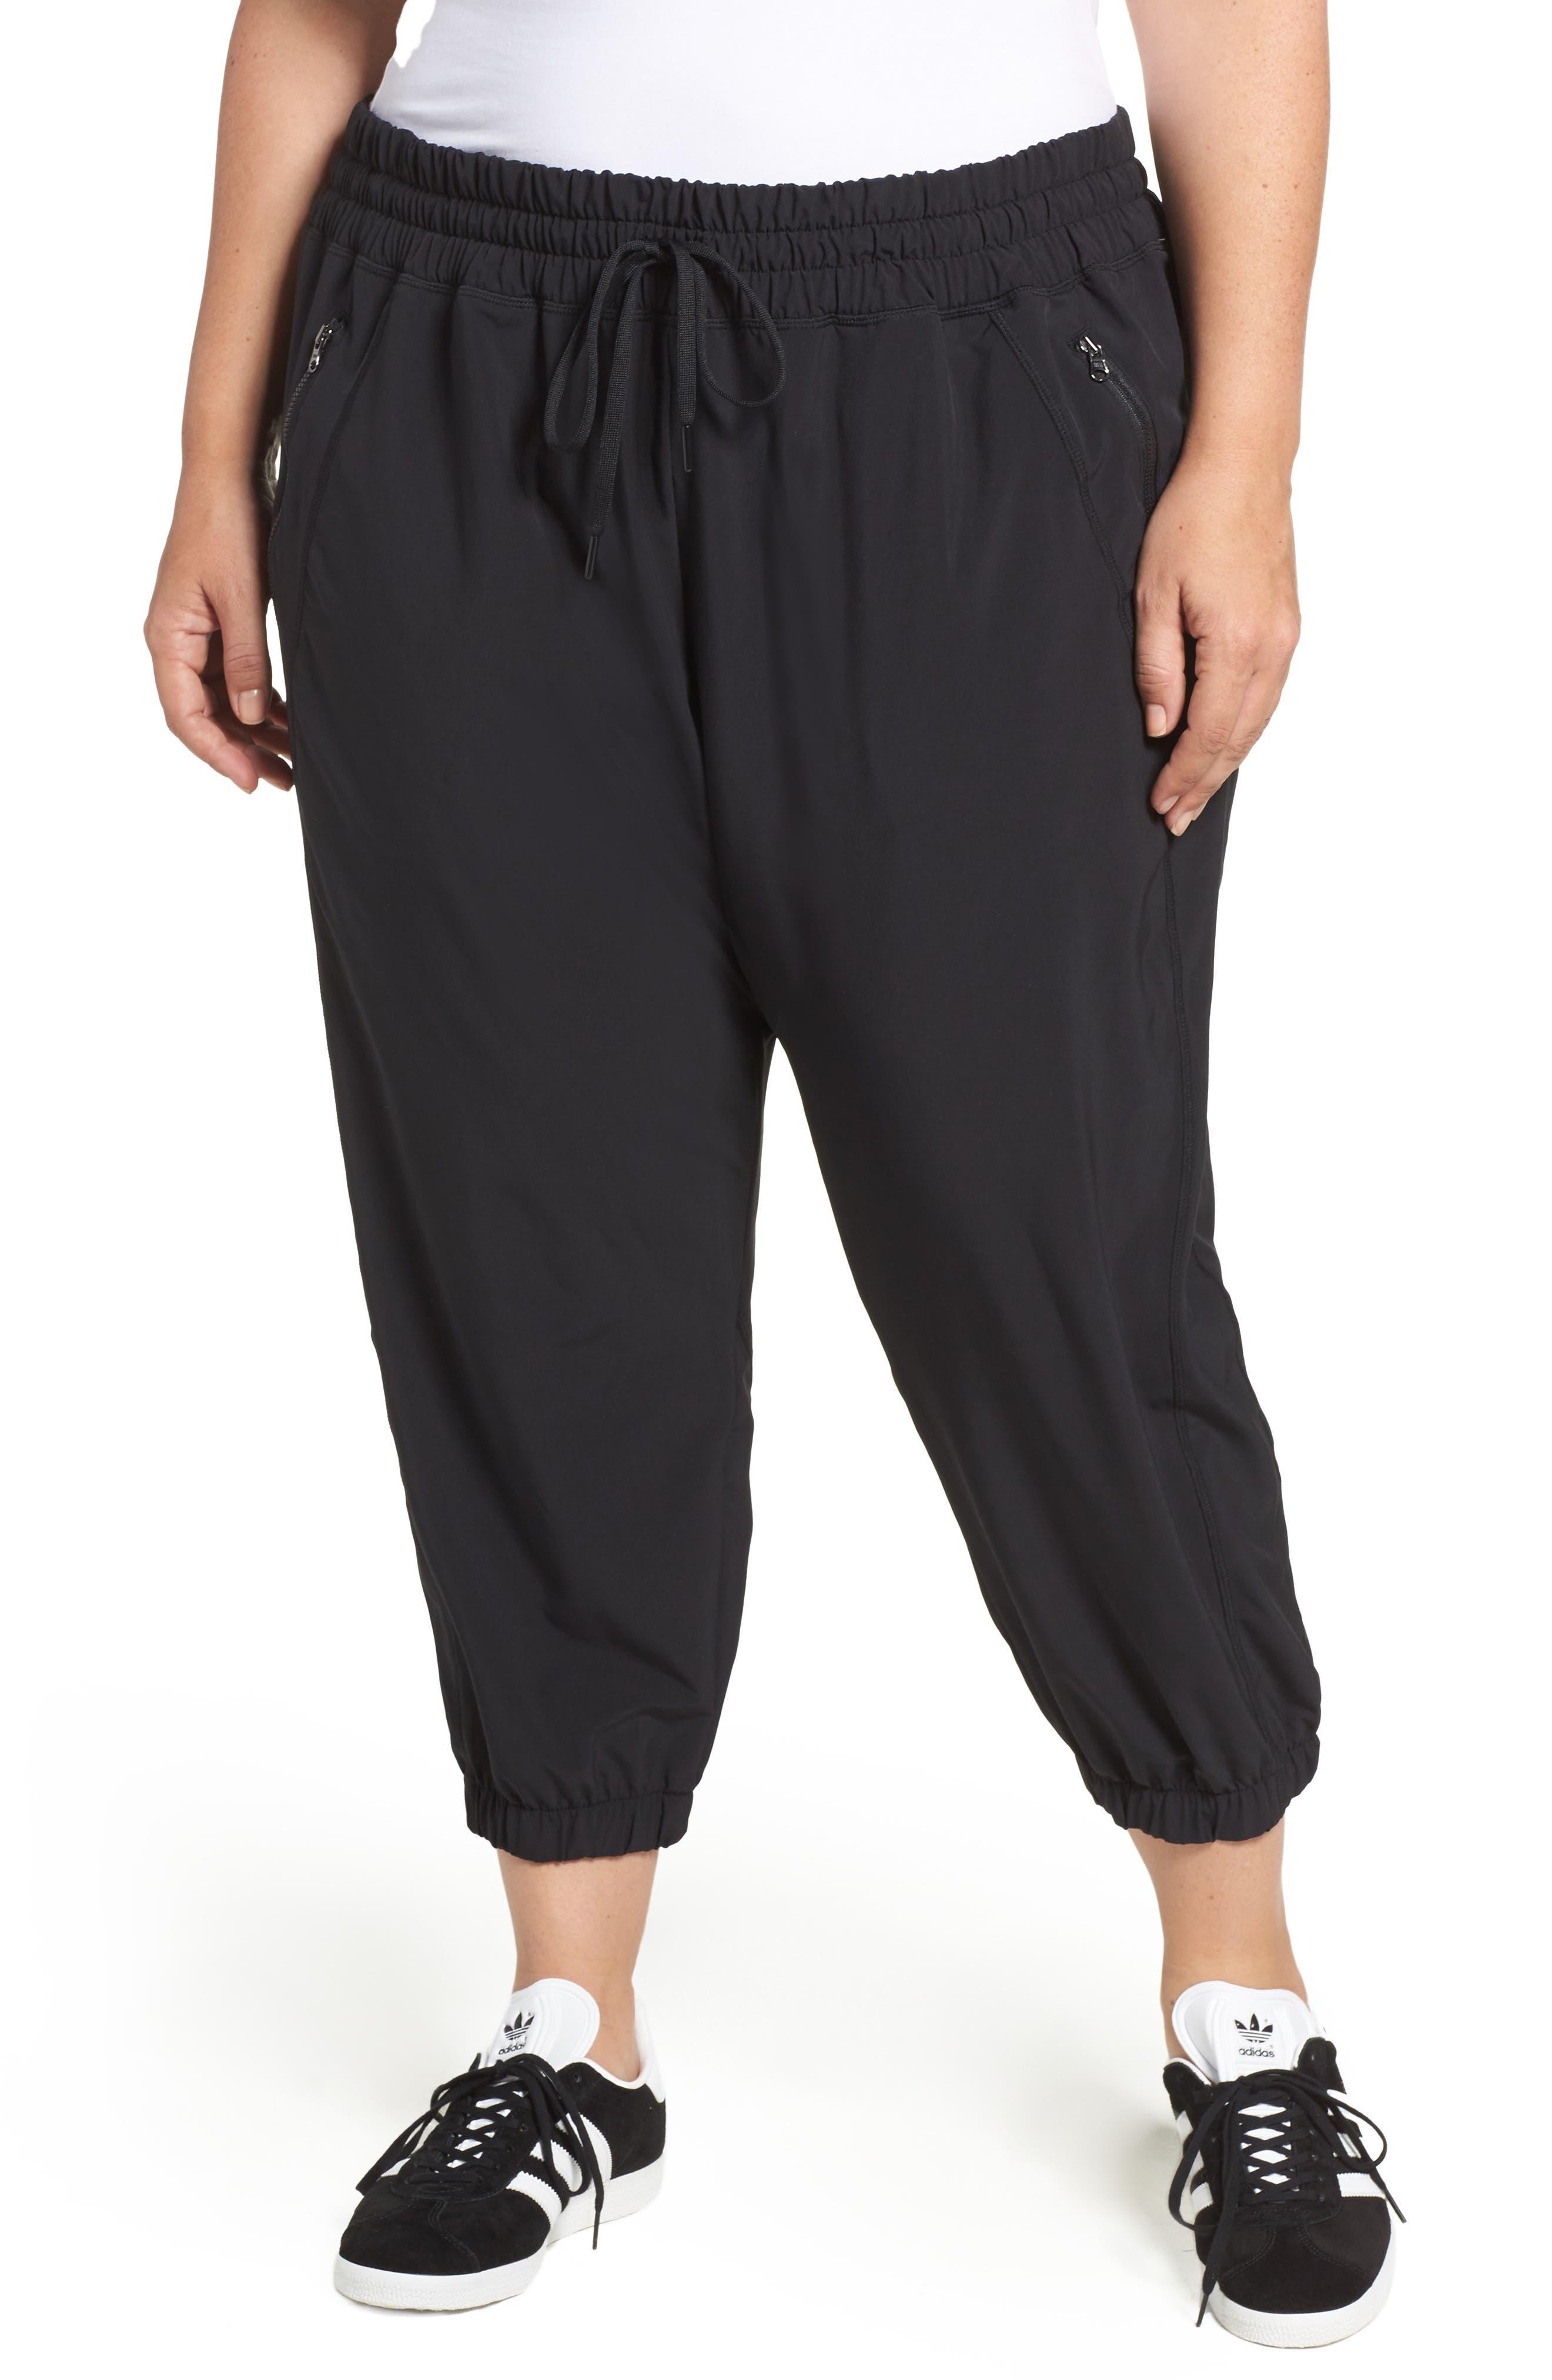 Zella Out & About Crop Jogger Pants (Plus Size)